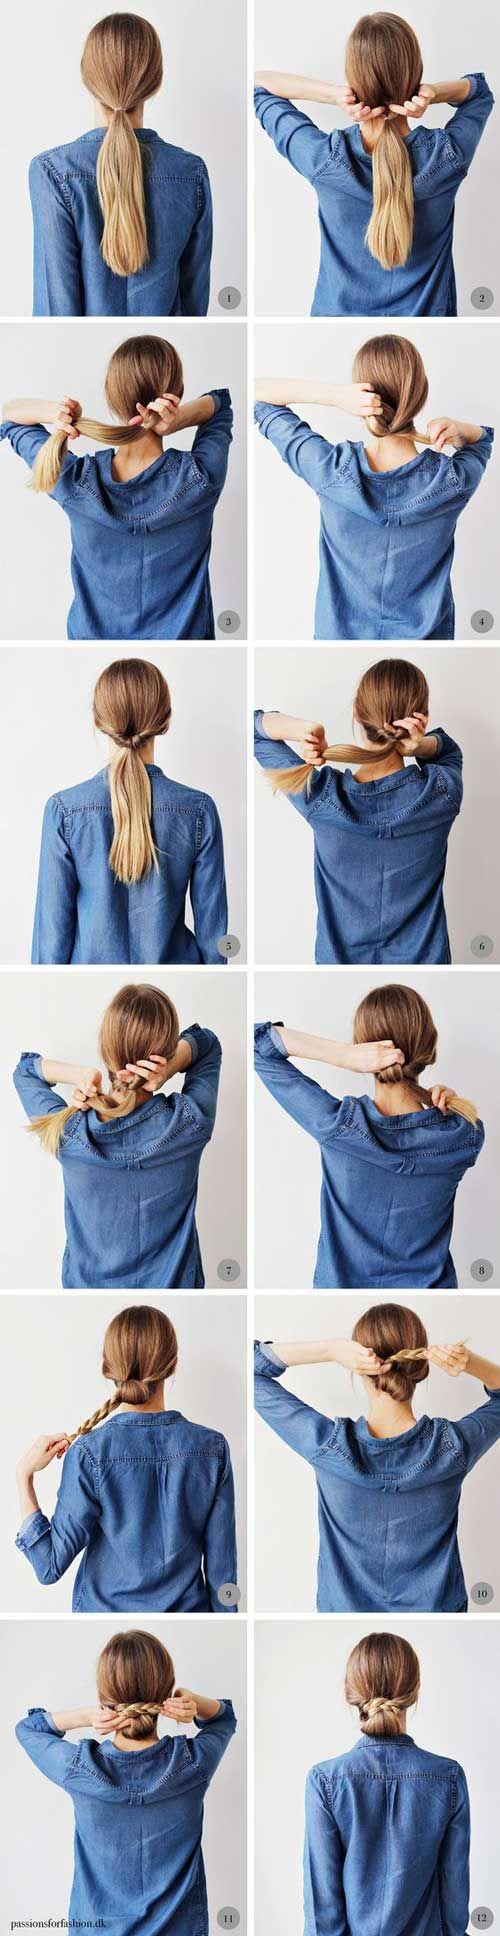 10 peinados para cabello largo en menos de 5 minutos